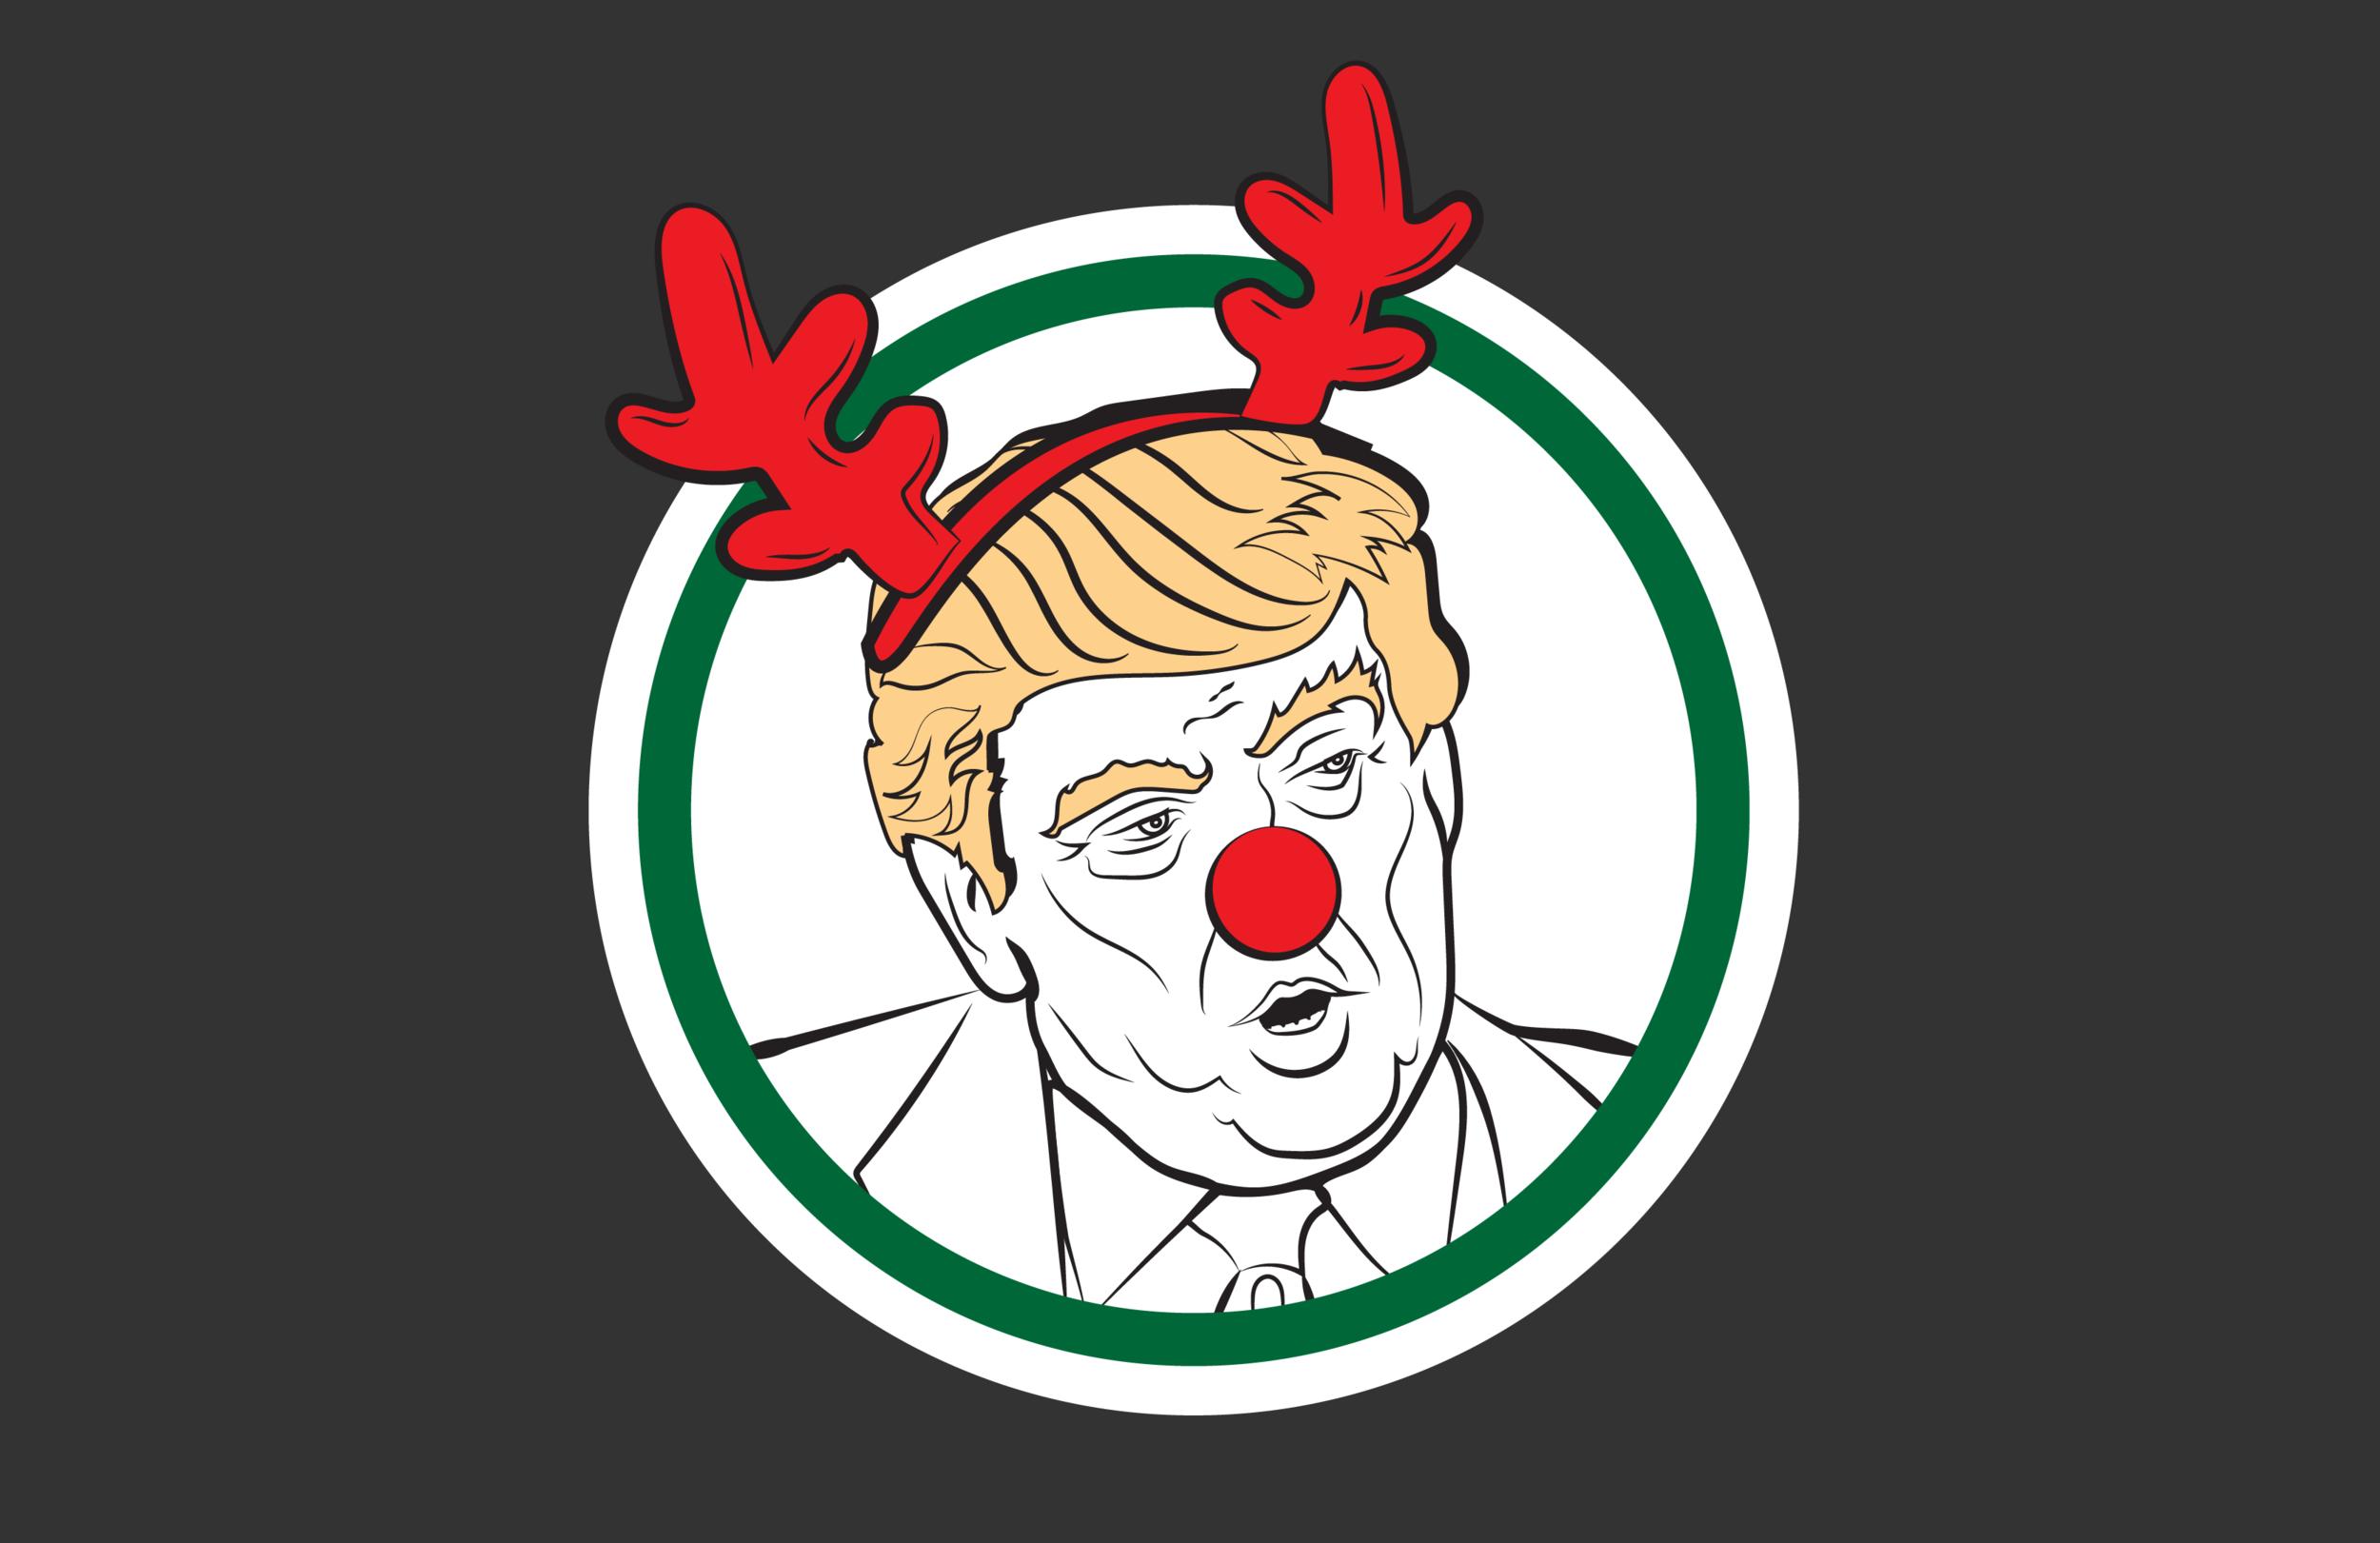 Trump_Reindeer_Head_Collection_Wide.png